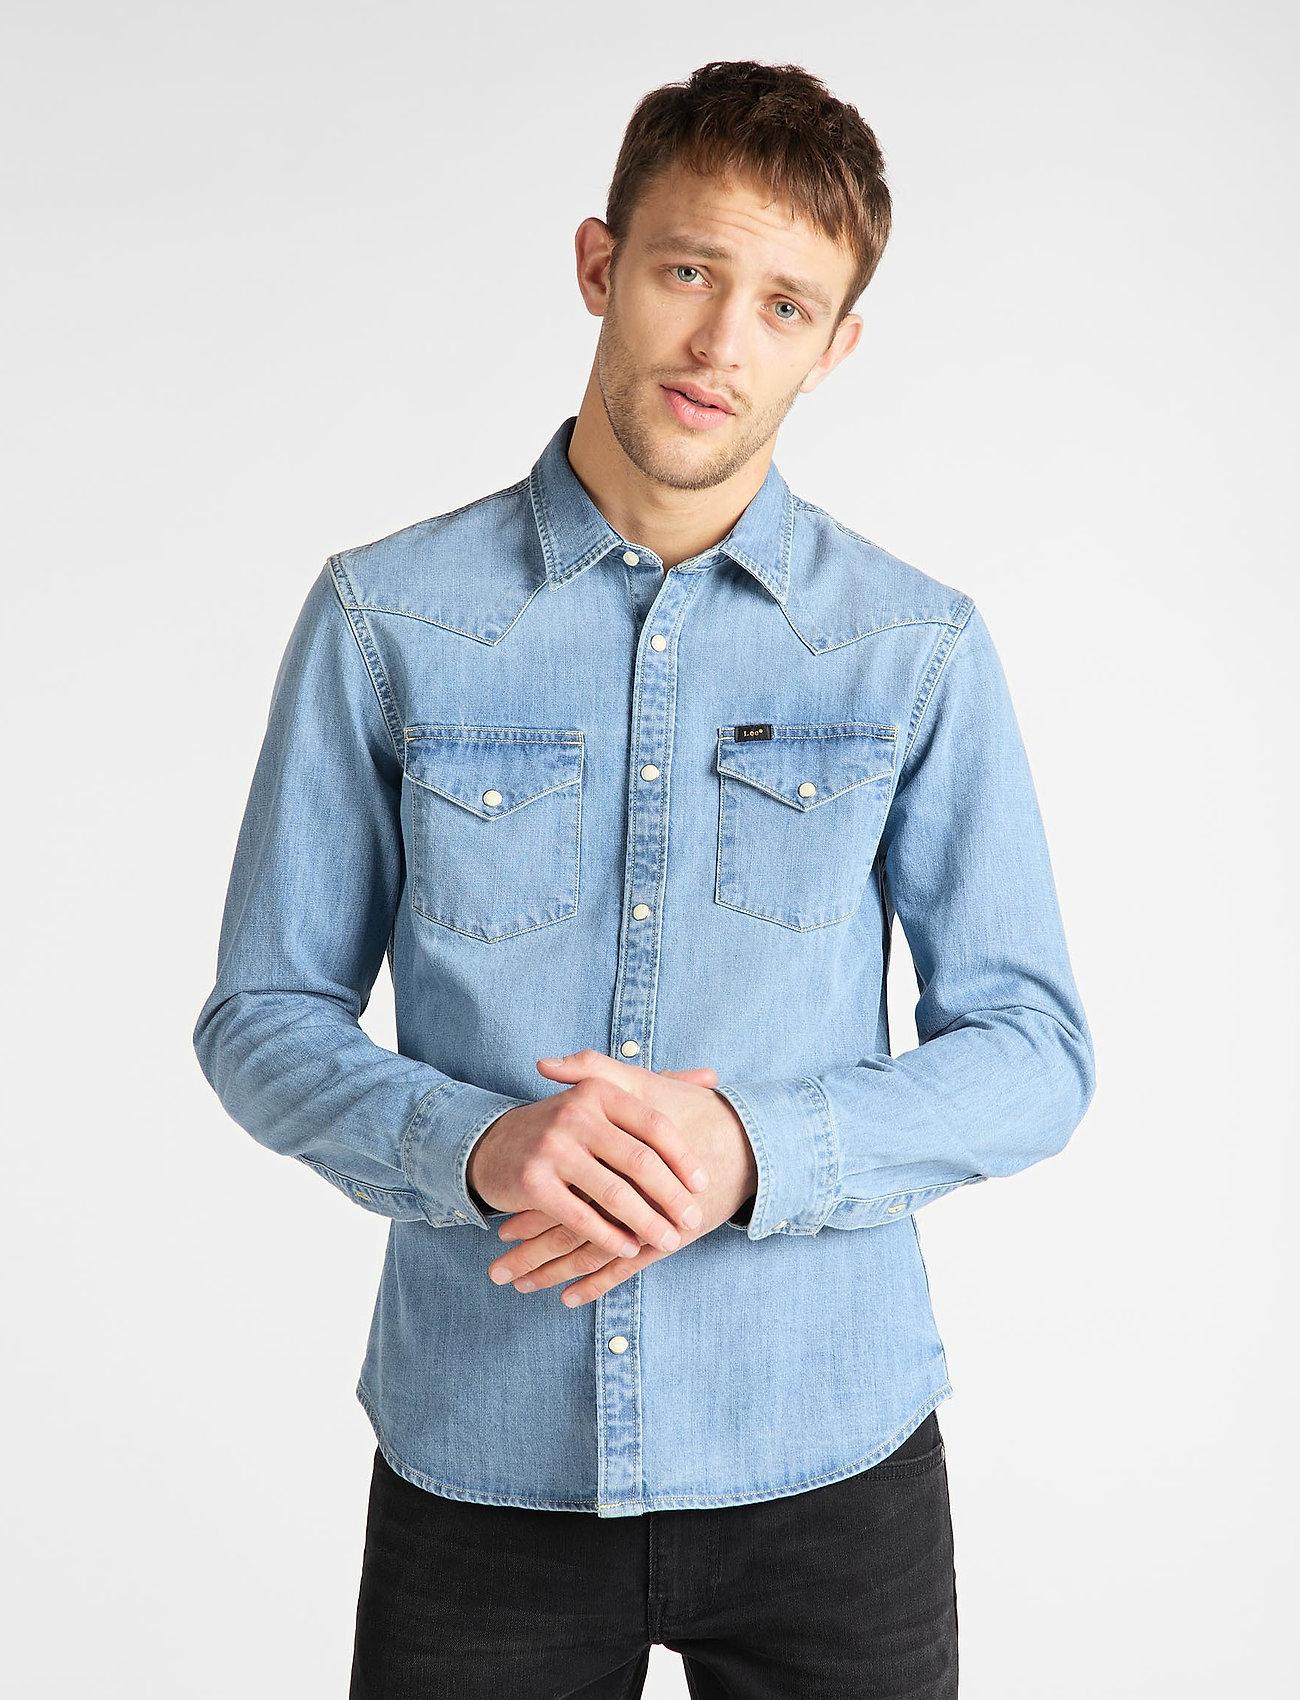 Lee Jeans - LEE WESTERN SHIRT - podstawowe koszulki - frost blue - 0